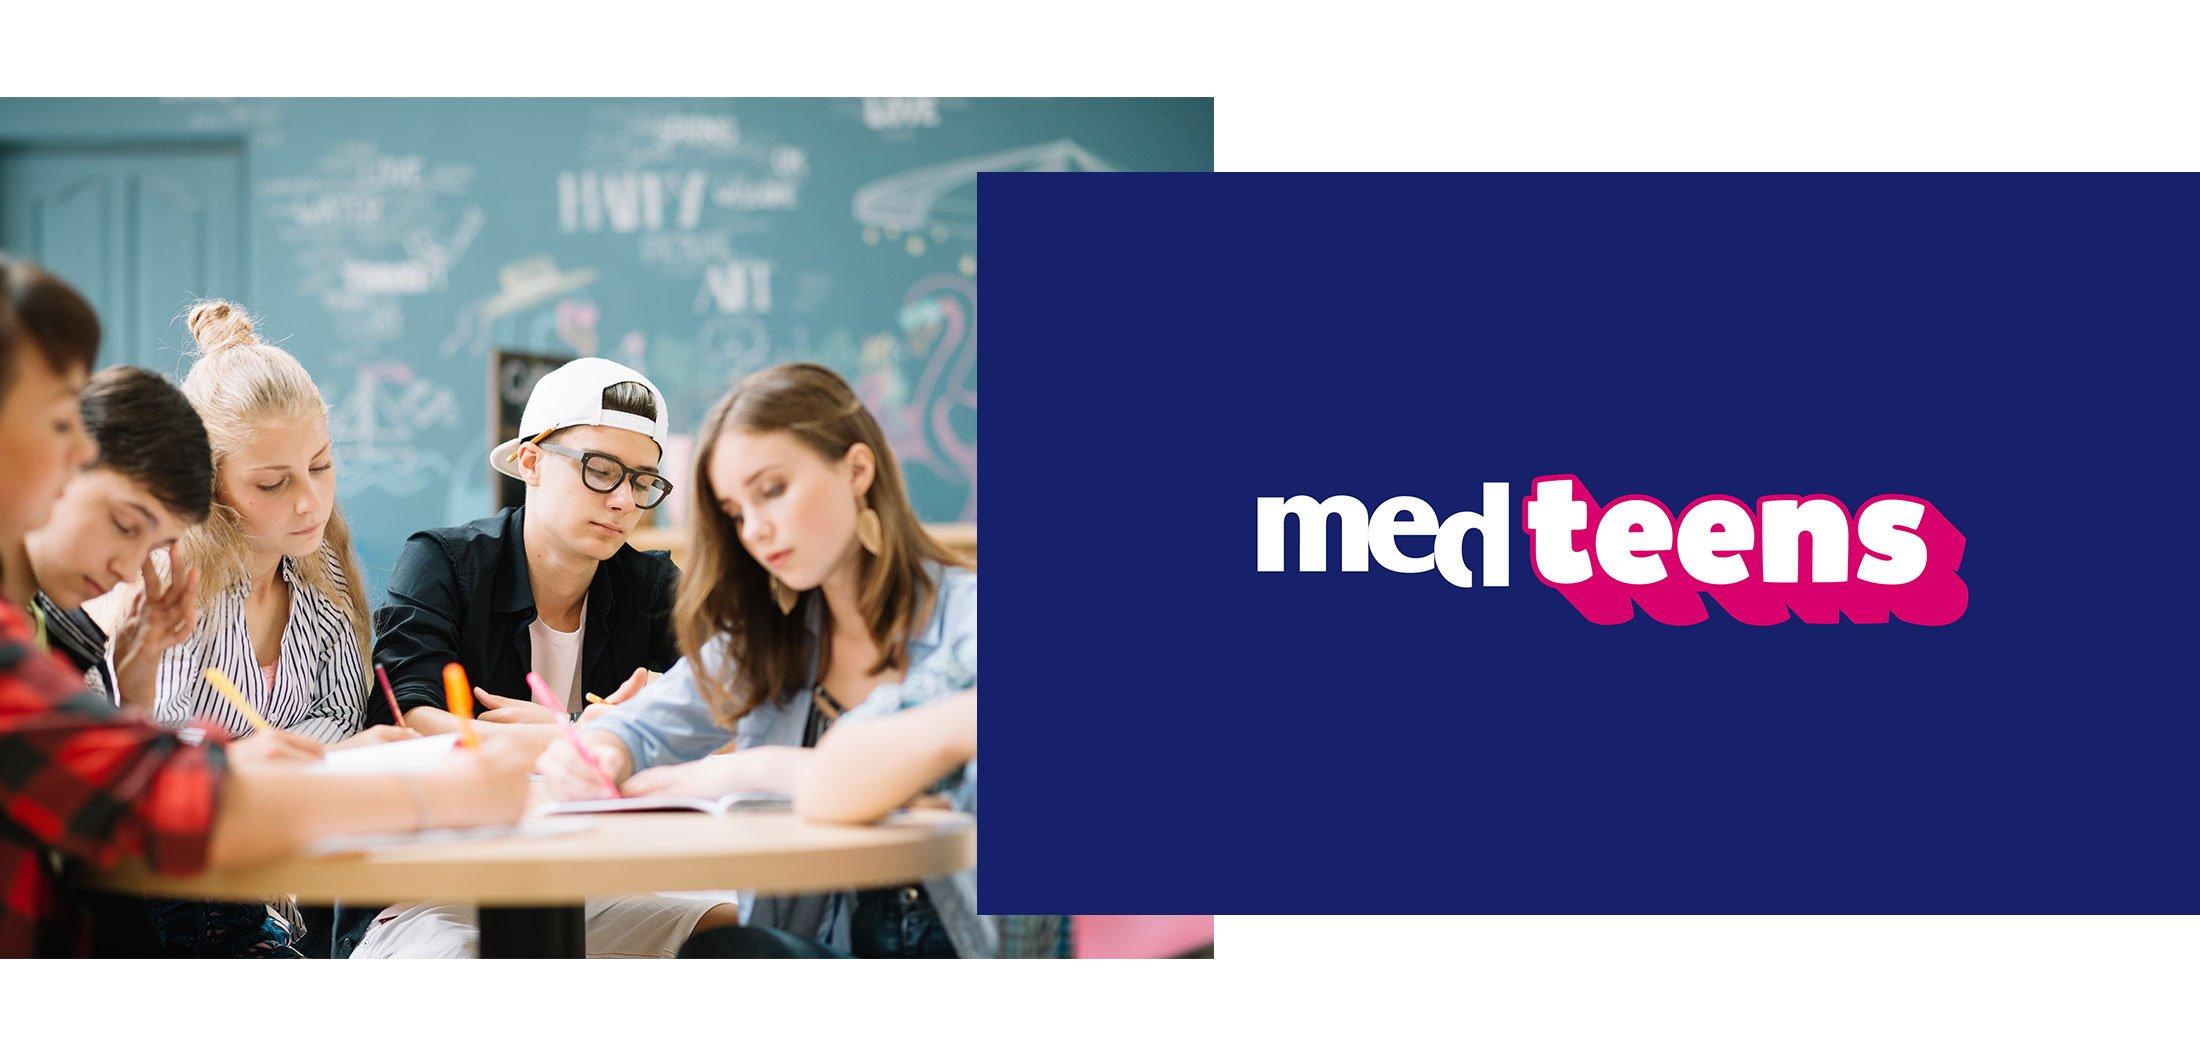 Marca MedTeens per adolescents